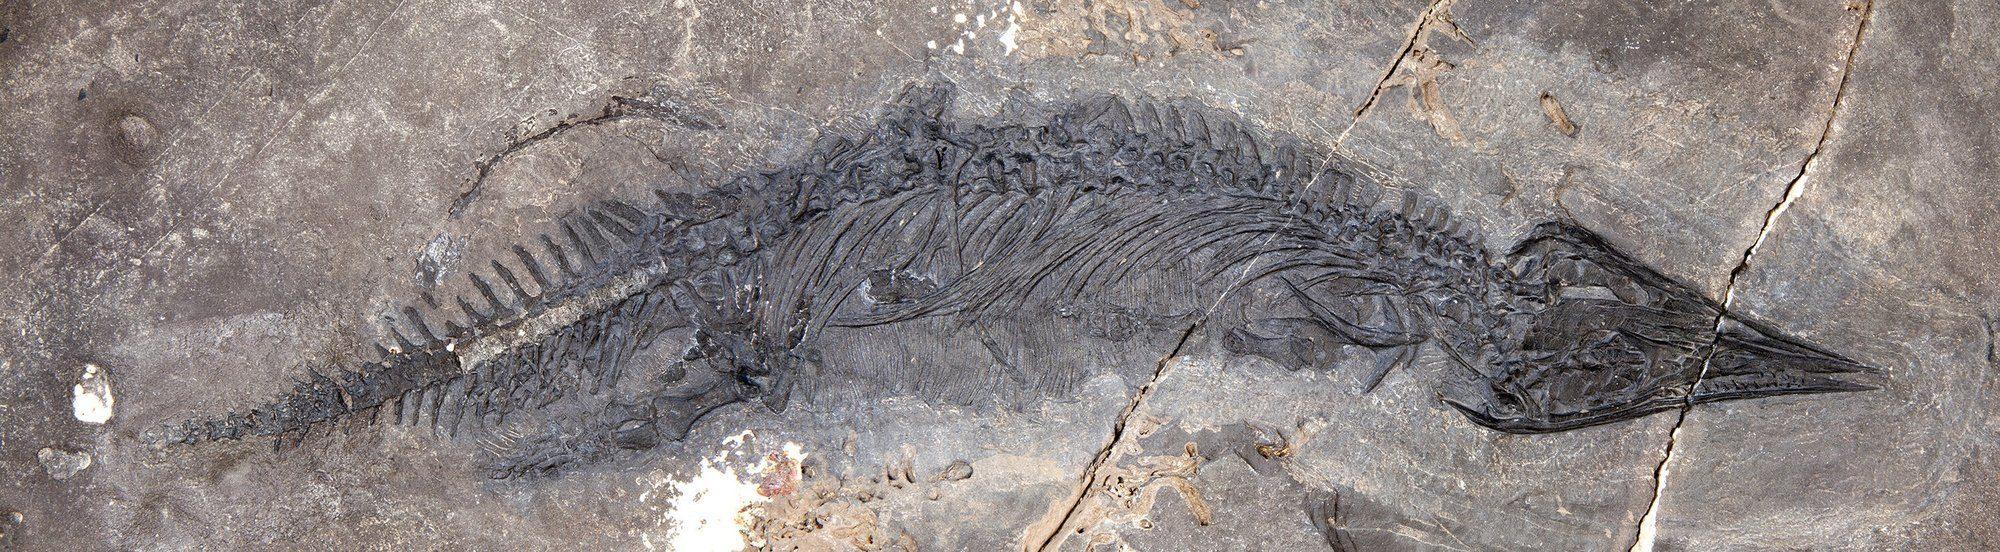 06_dynozavtr-2000x552 Доісторична знахідка: на Алясці знайшли новий вид попередників динозаврів